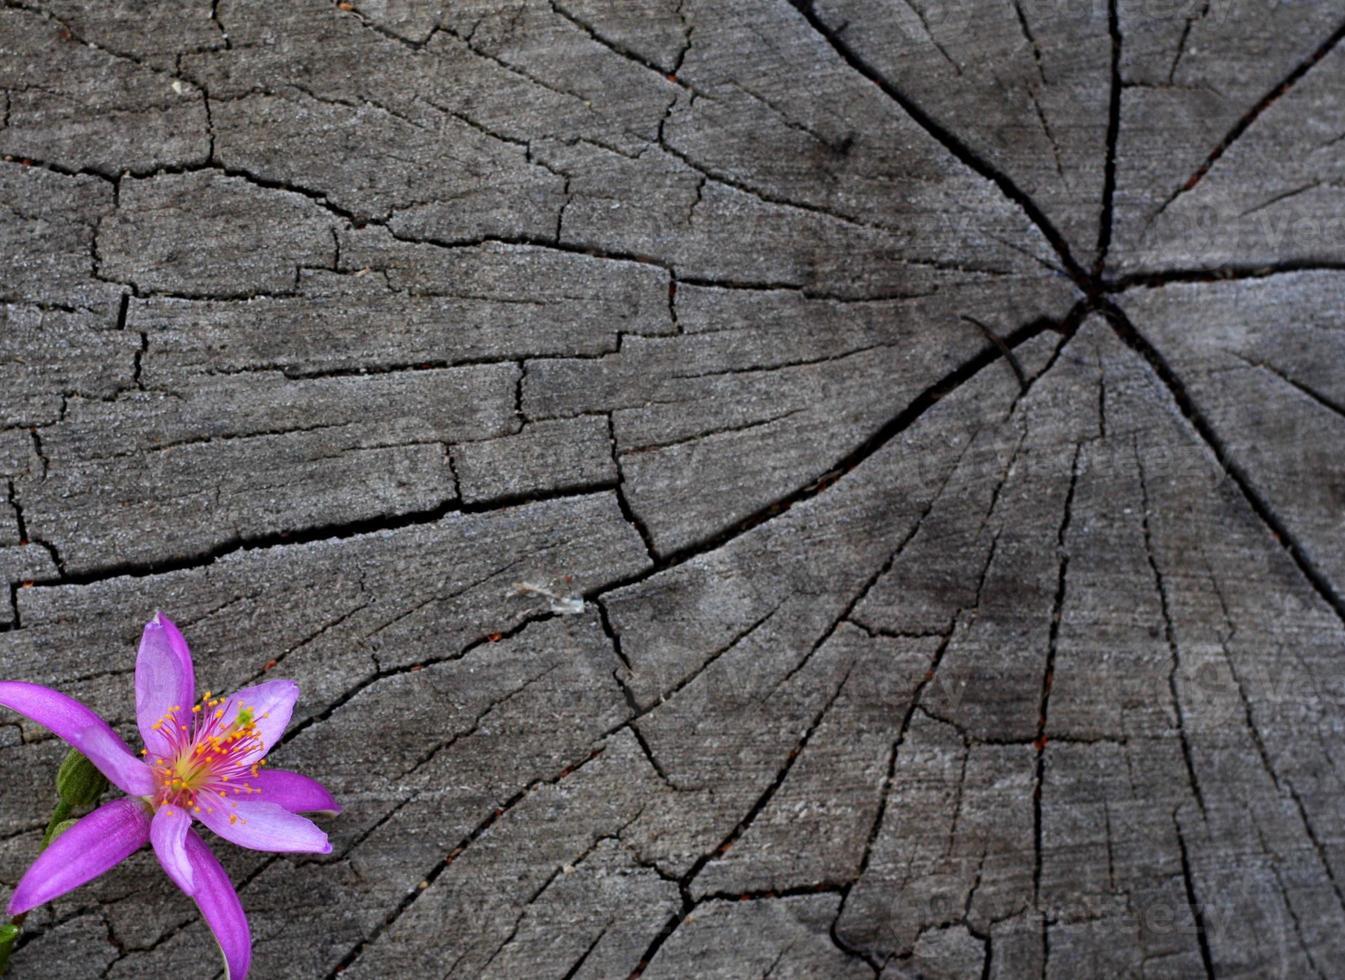 flor rosa no canto do tronco foto